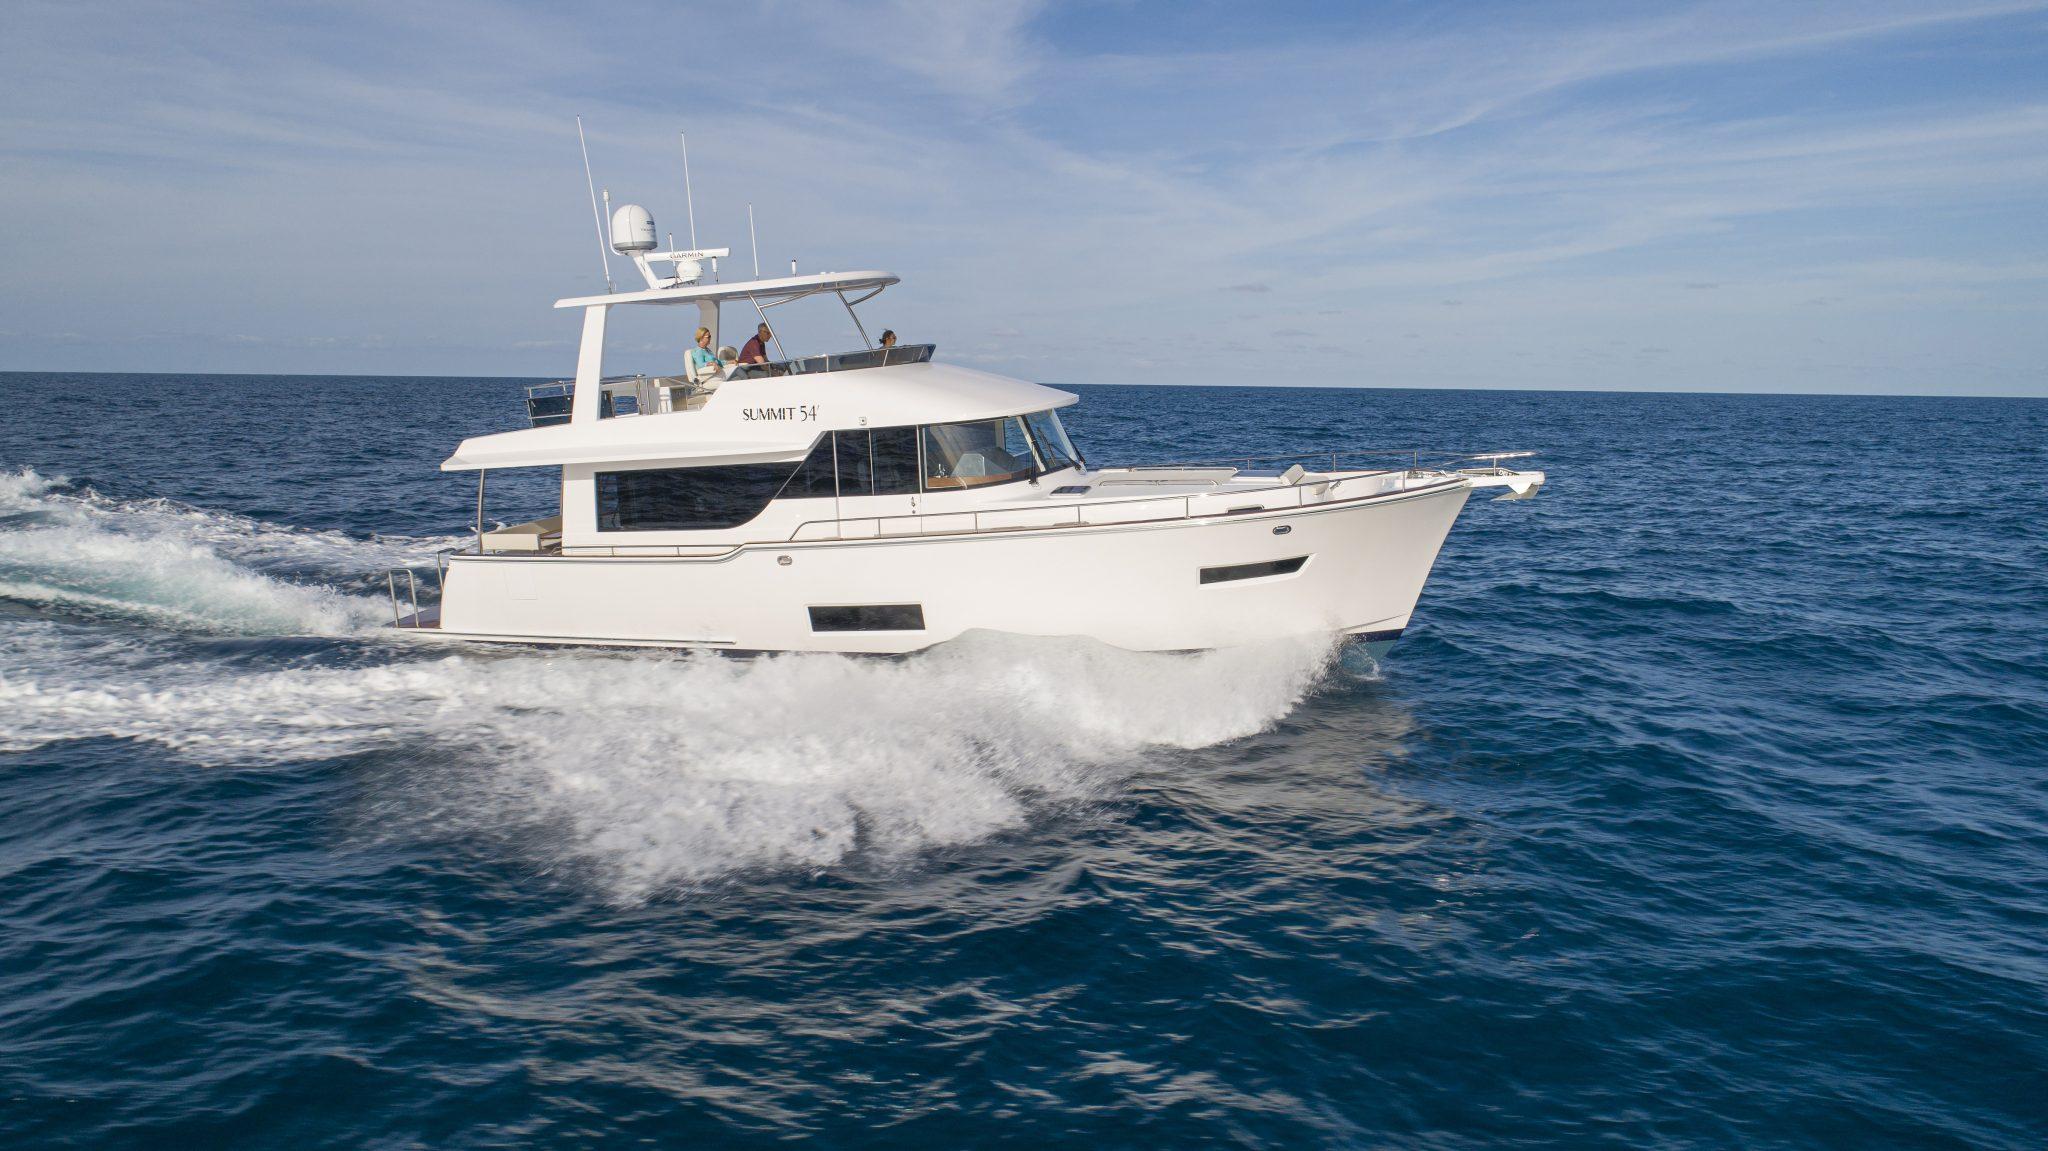 2021 Summit 54 Motor Yacht By Kadey-Krogen